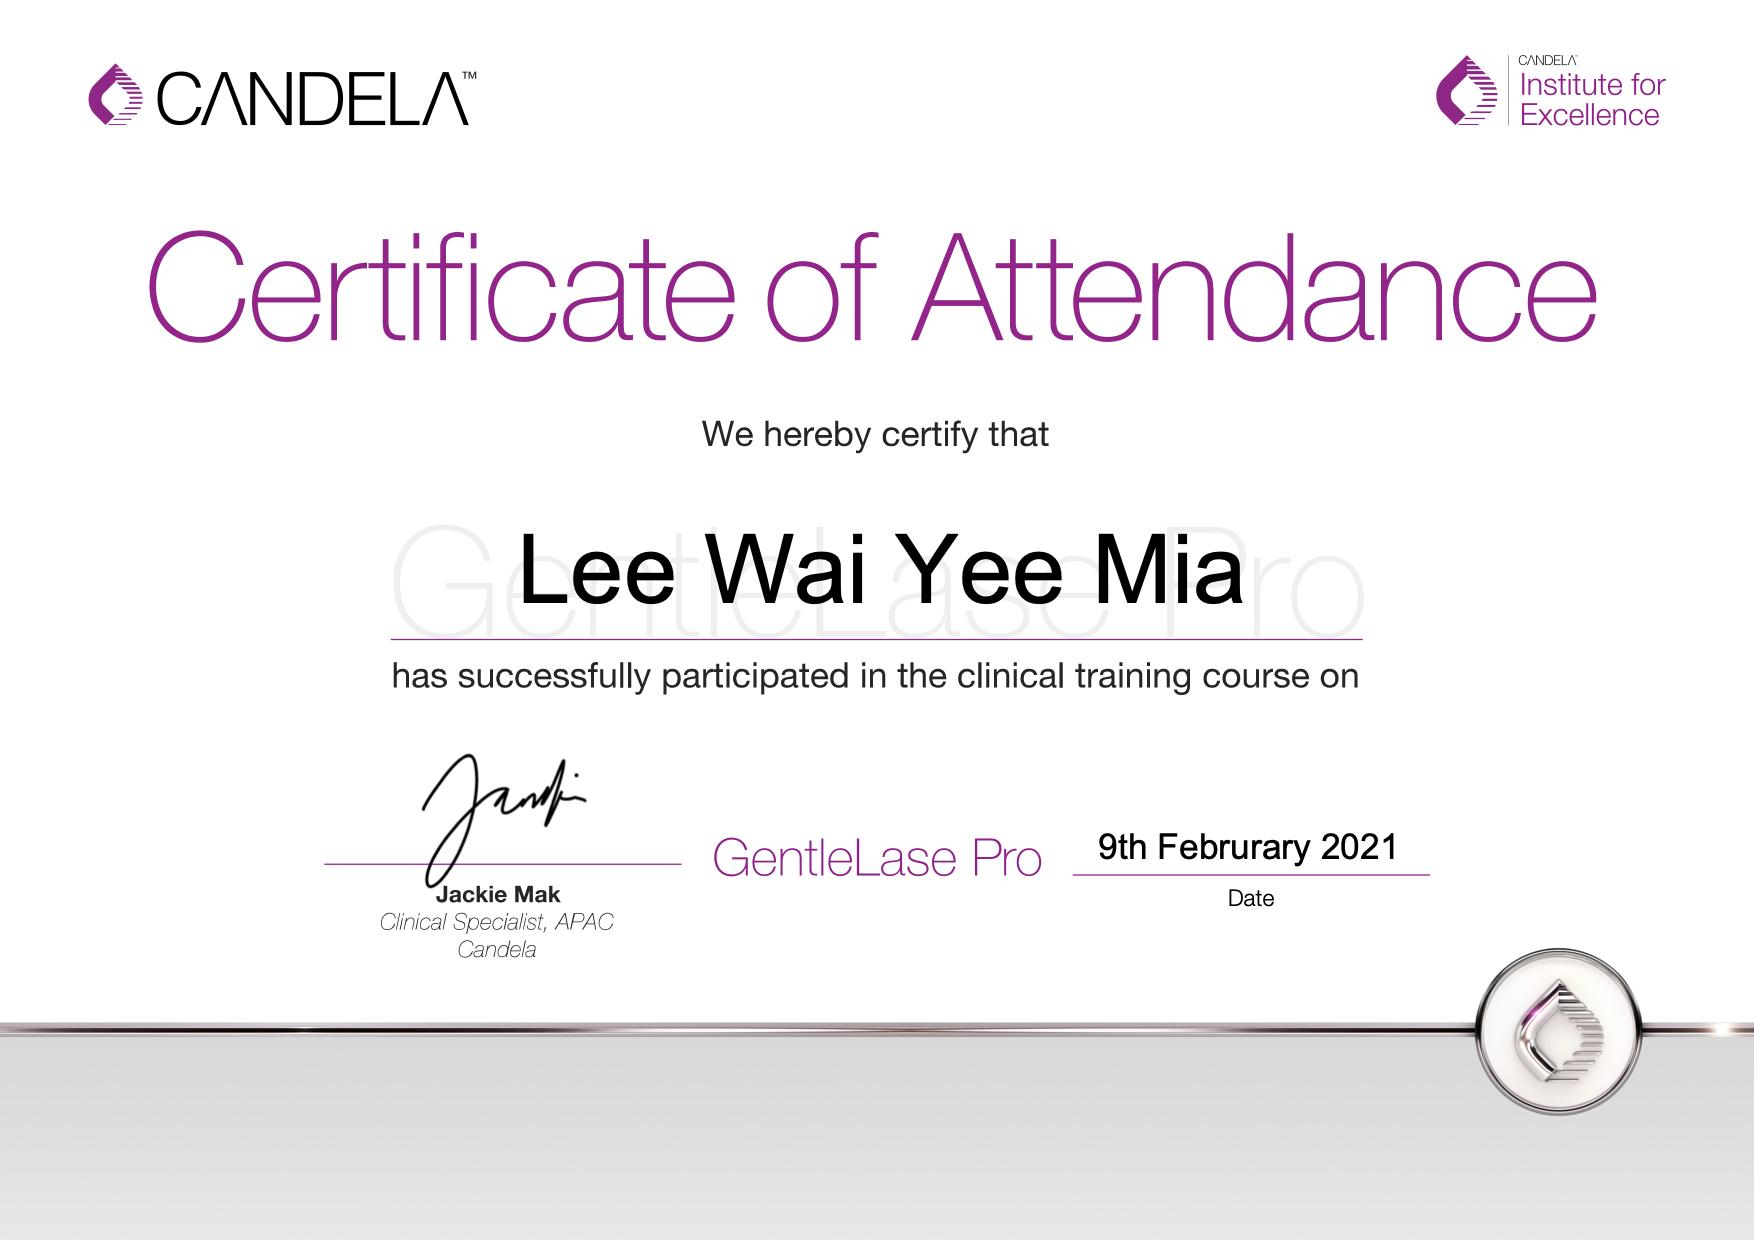 GentleLase_Pro_Certifcate_LeeWaiYeeMiaYanis